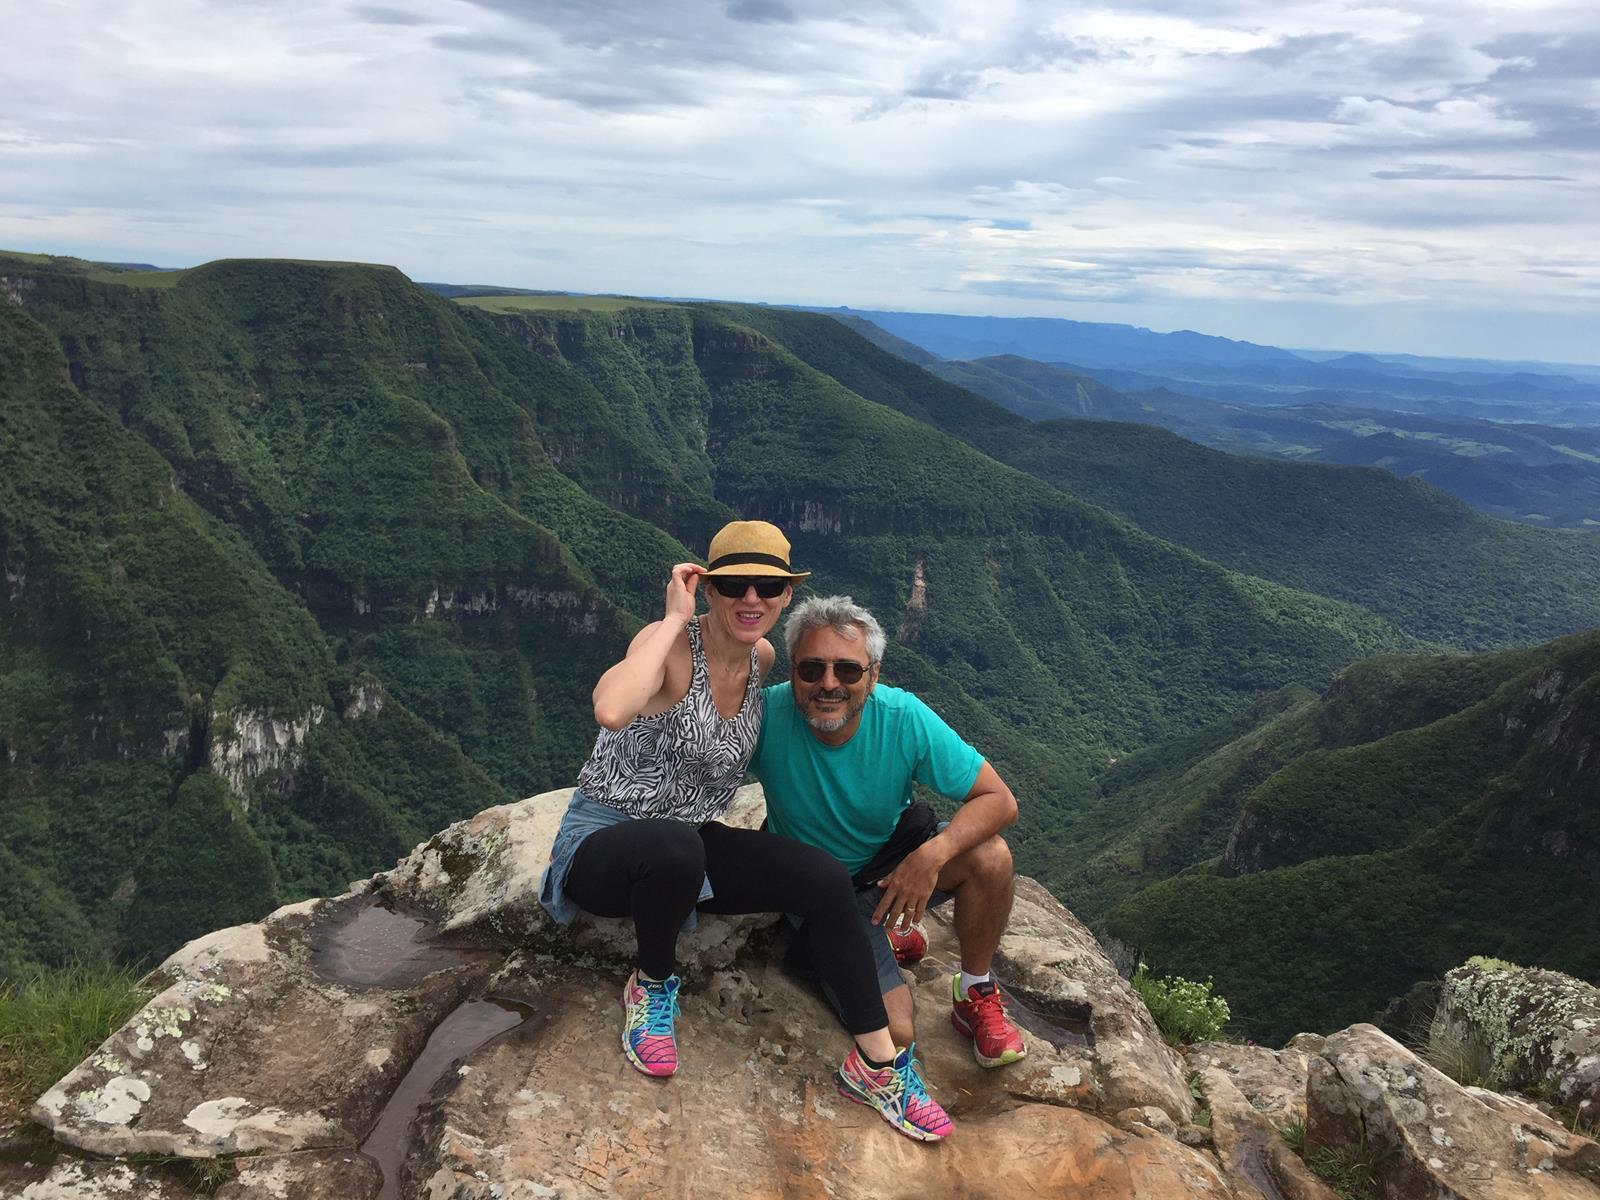 De moto nos Cânions do Sul do Brasil - 2017